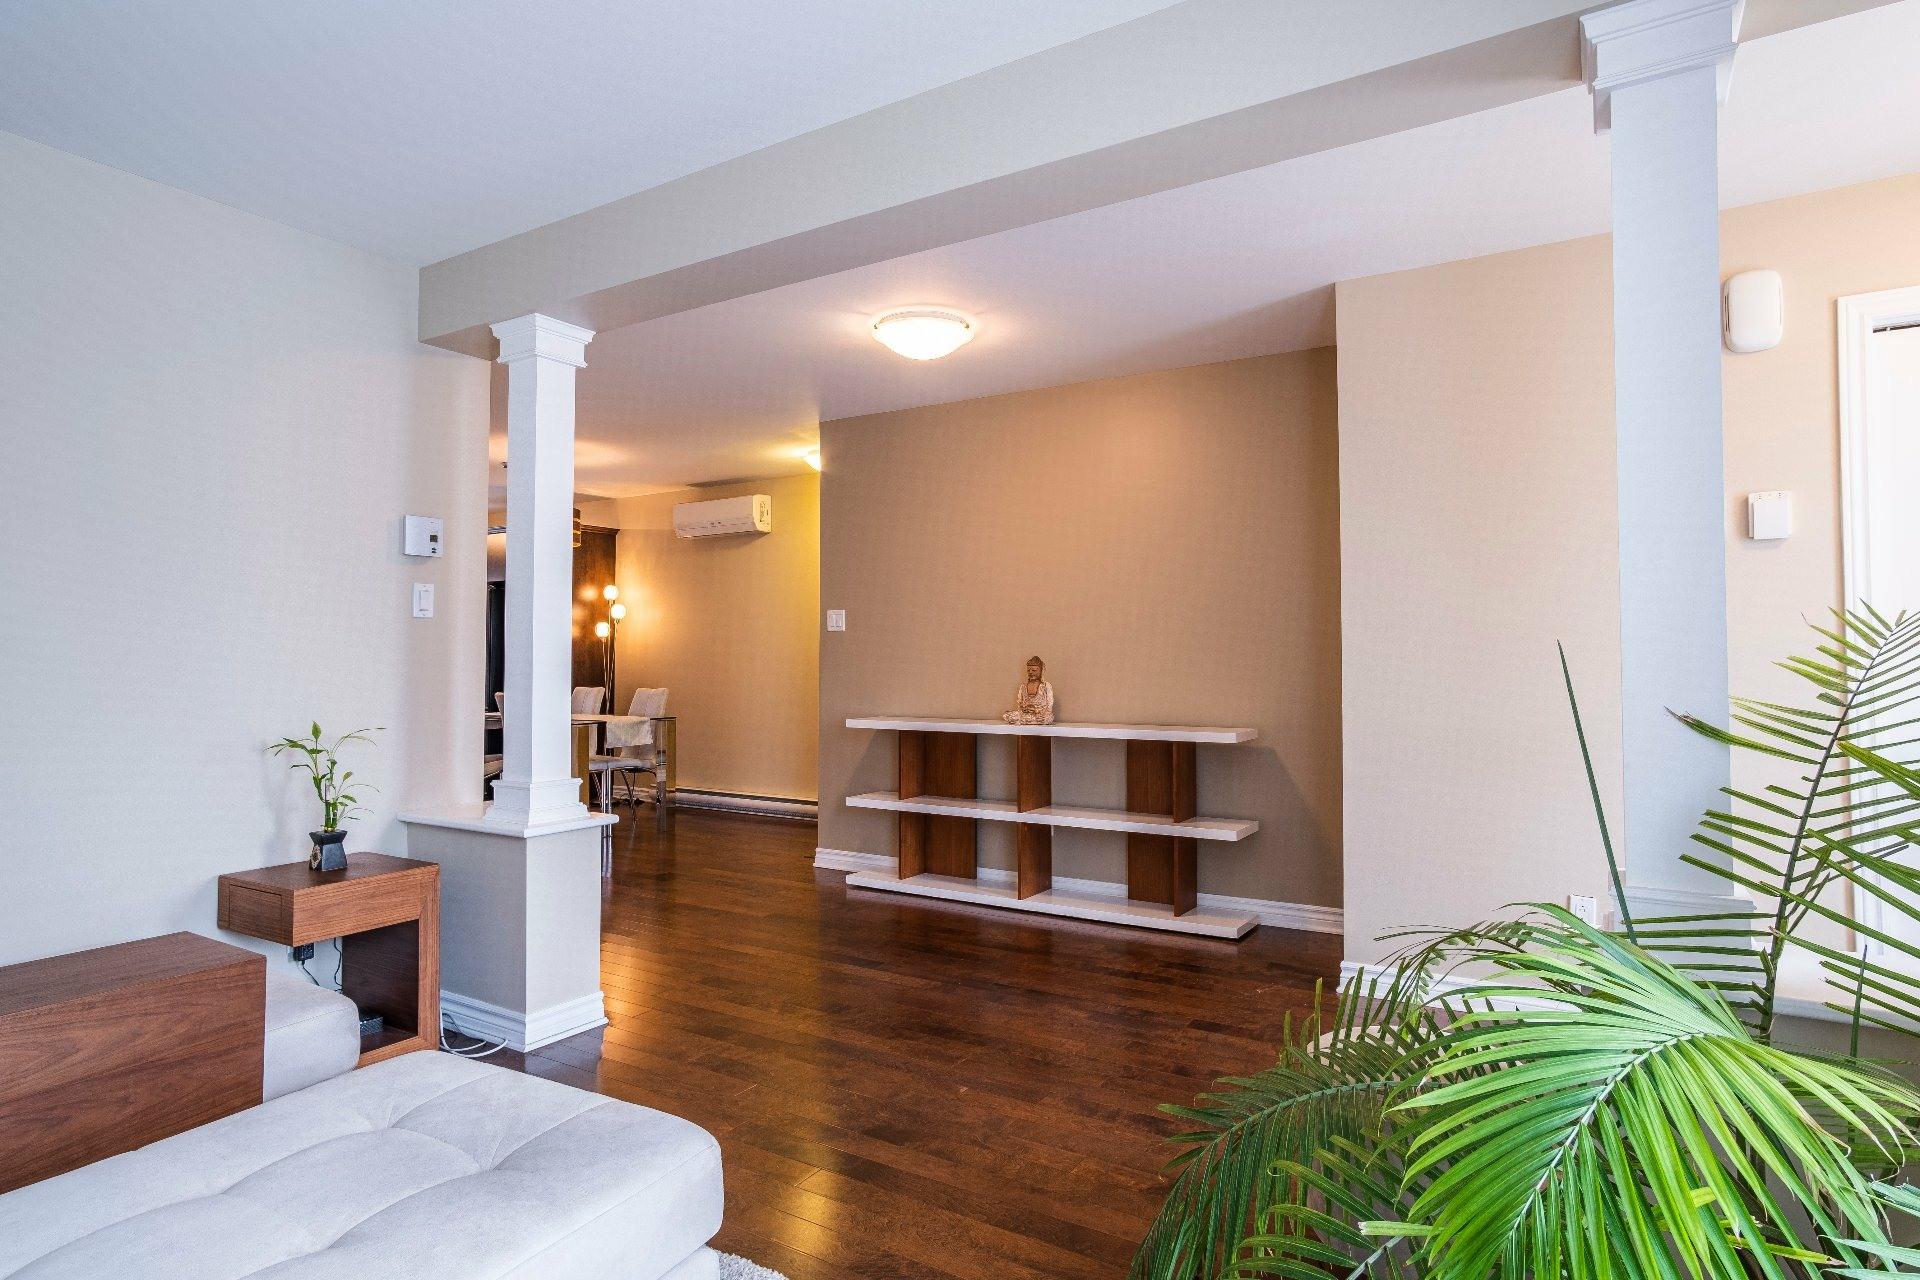 image 7 - Appartement À vendre Lachine Montréal  - 9 pièces